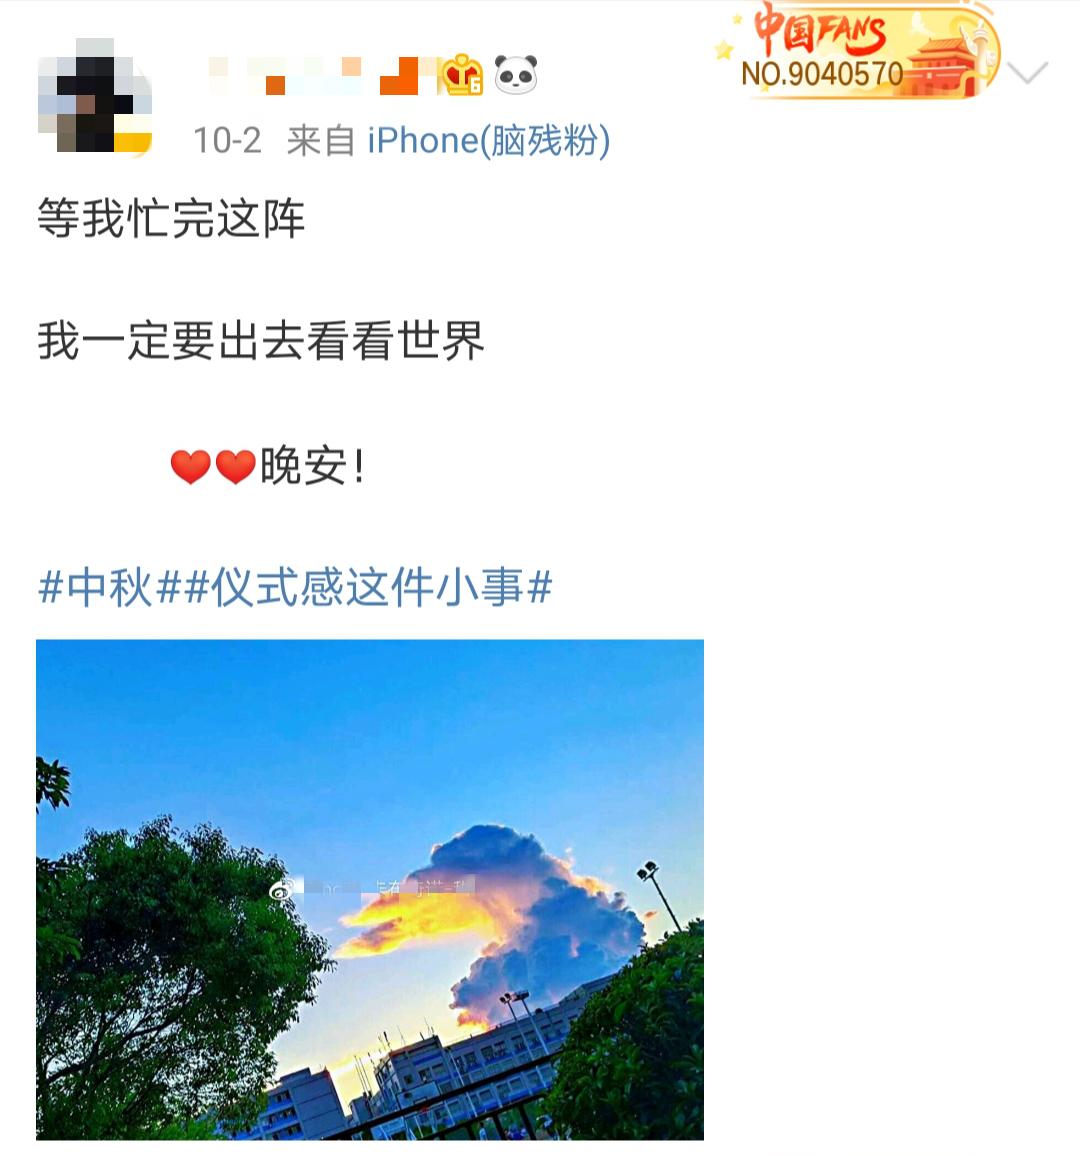 http://upload.ikanchai.com/2020/1020/1603176086978.jpg